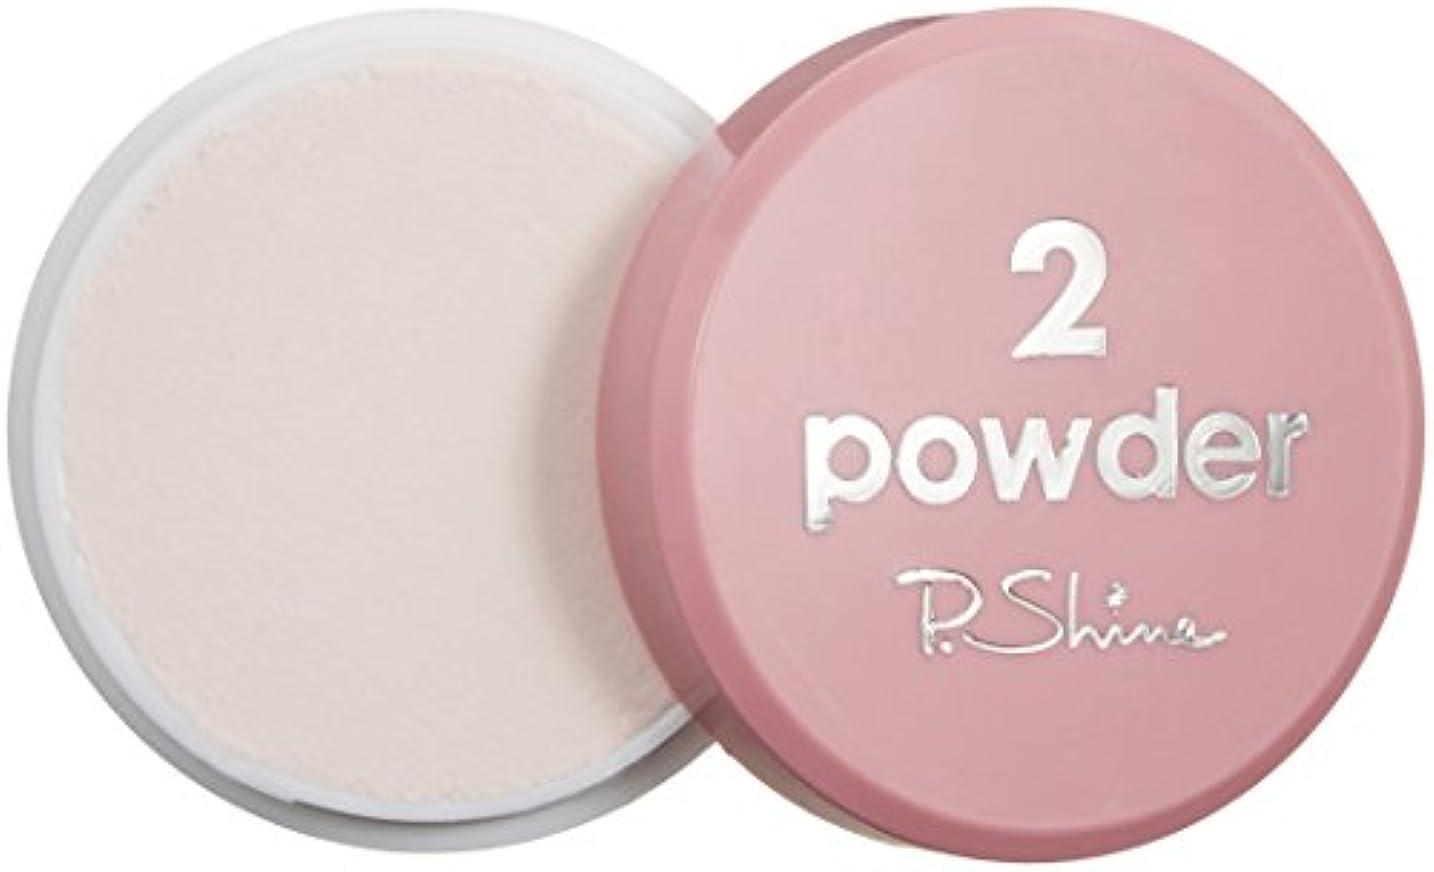 アーティキュレーション水銀のギャンブルP. Shine 爪磨きパウダー 5g 爪磨き用の光沢剤